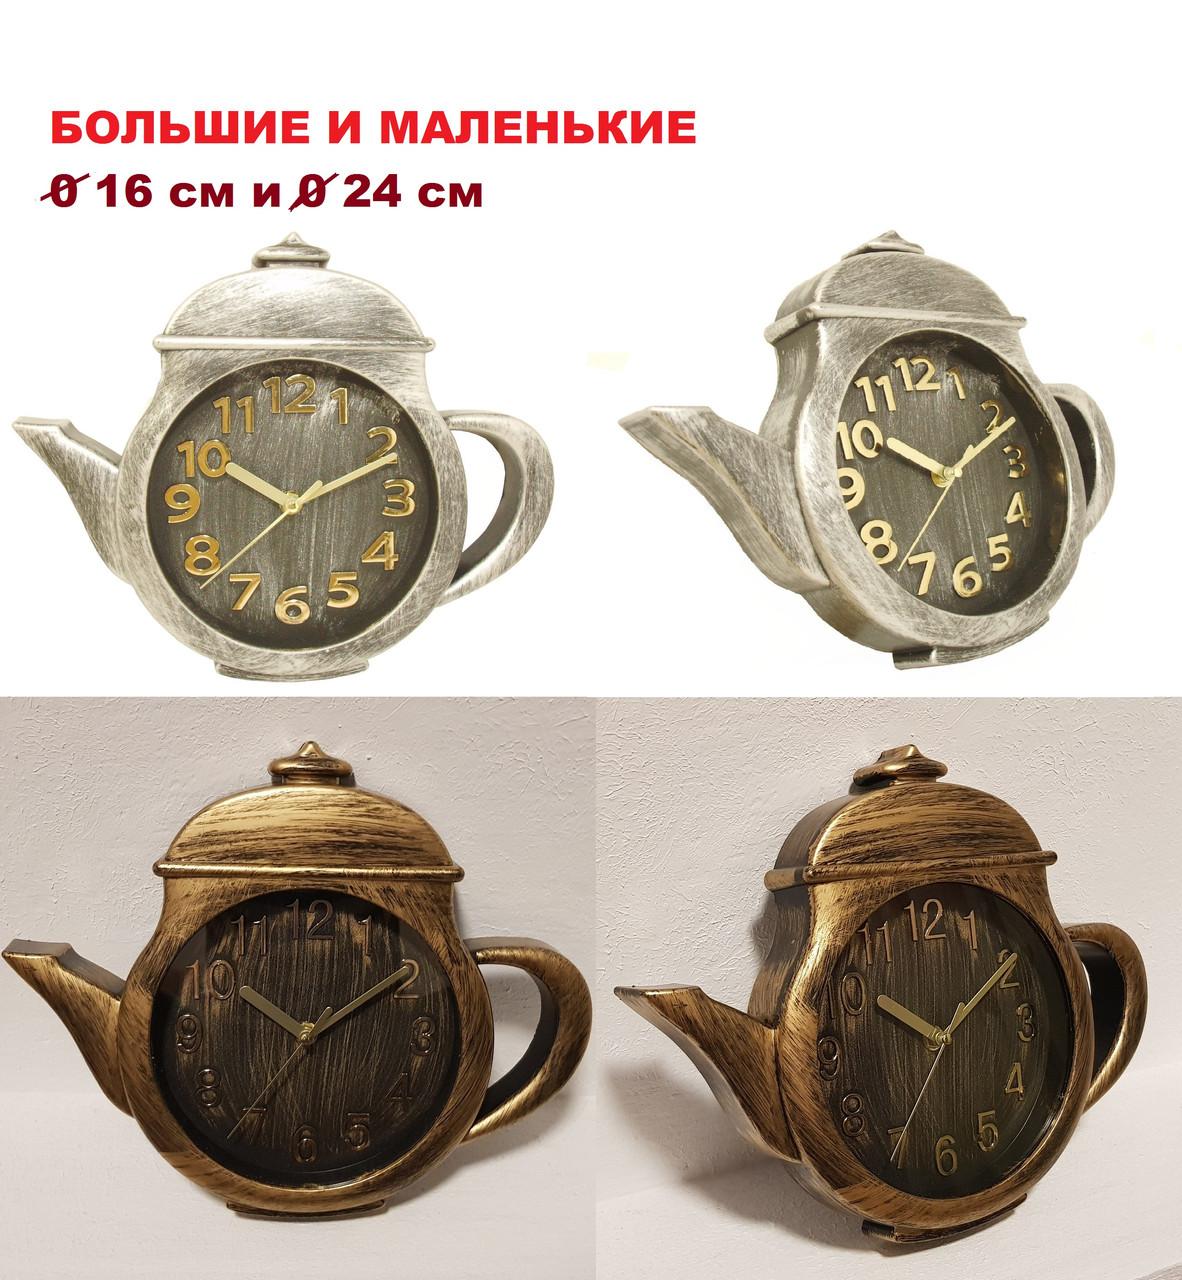 """Настенные кварцевые  кухонные часы """"Чайник"""". Большие и маленькие. Цвет - бронза и серебро."""